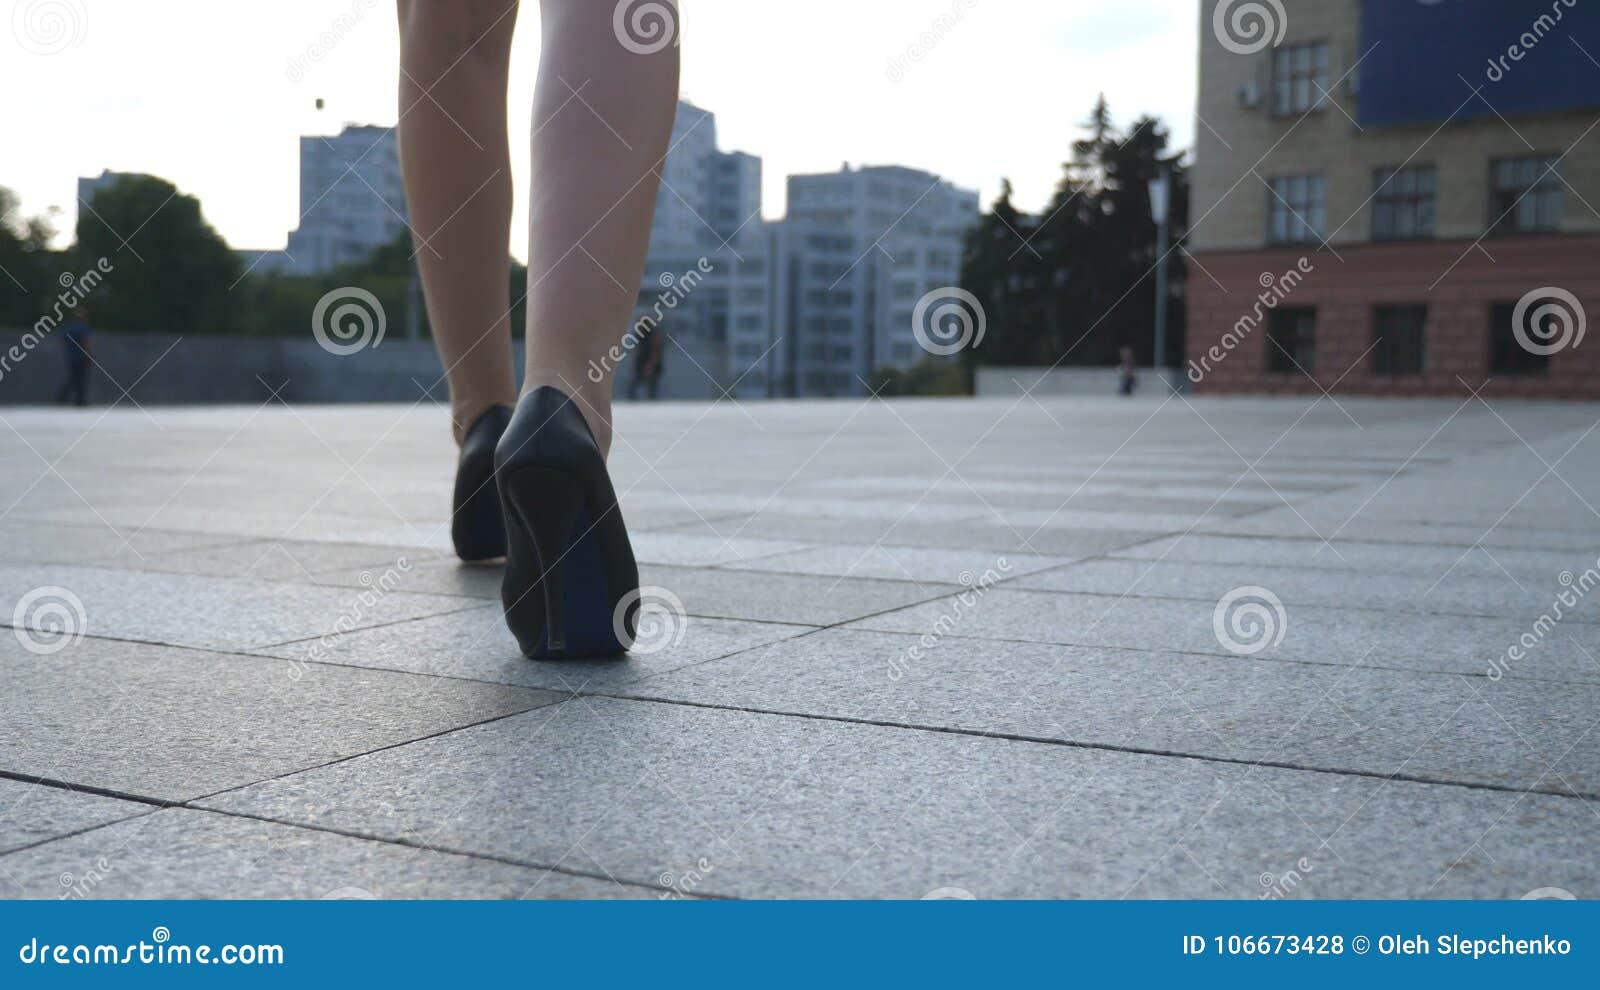 Gambe Alti Via Le In Nella Calza Tacchi La Femminili Camminata n8vm0Nw